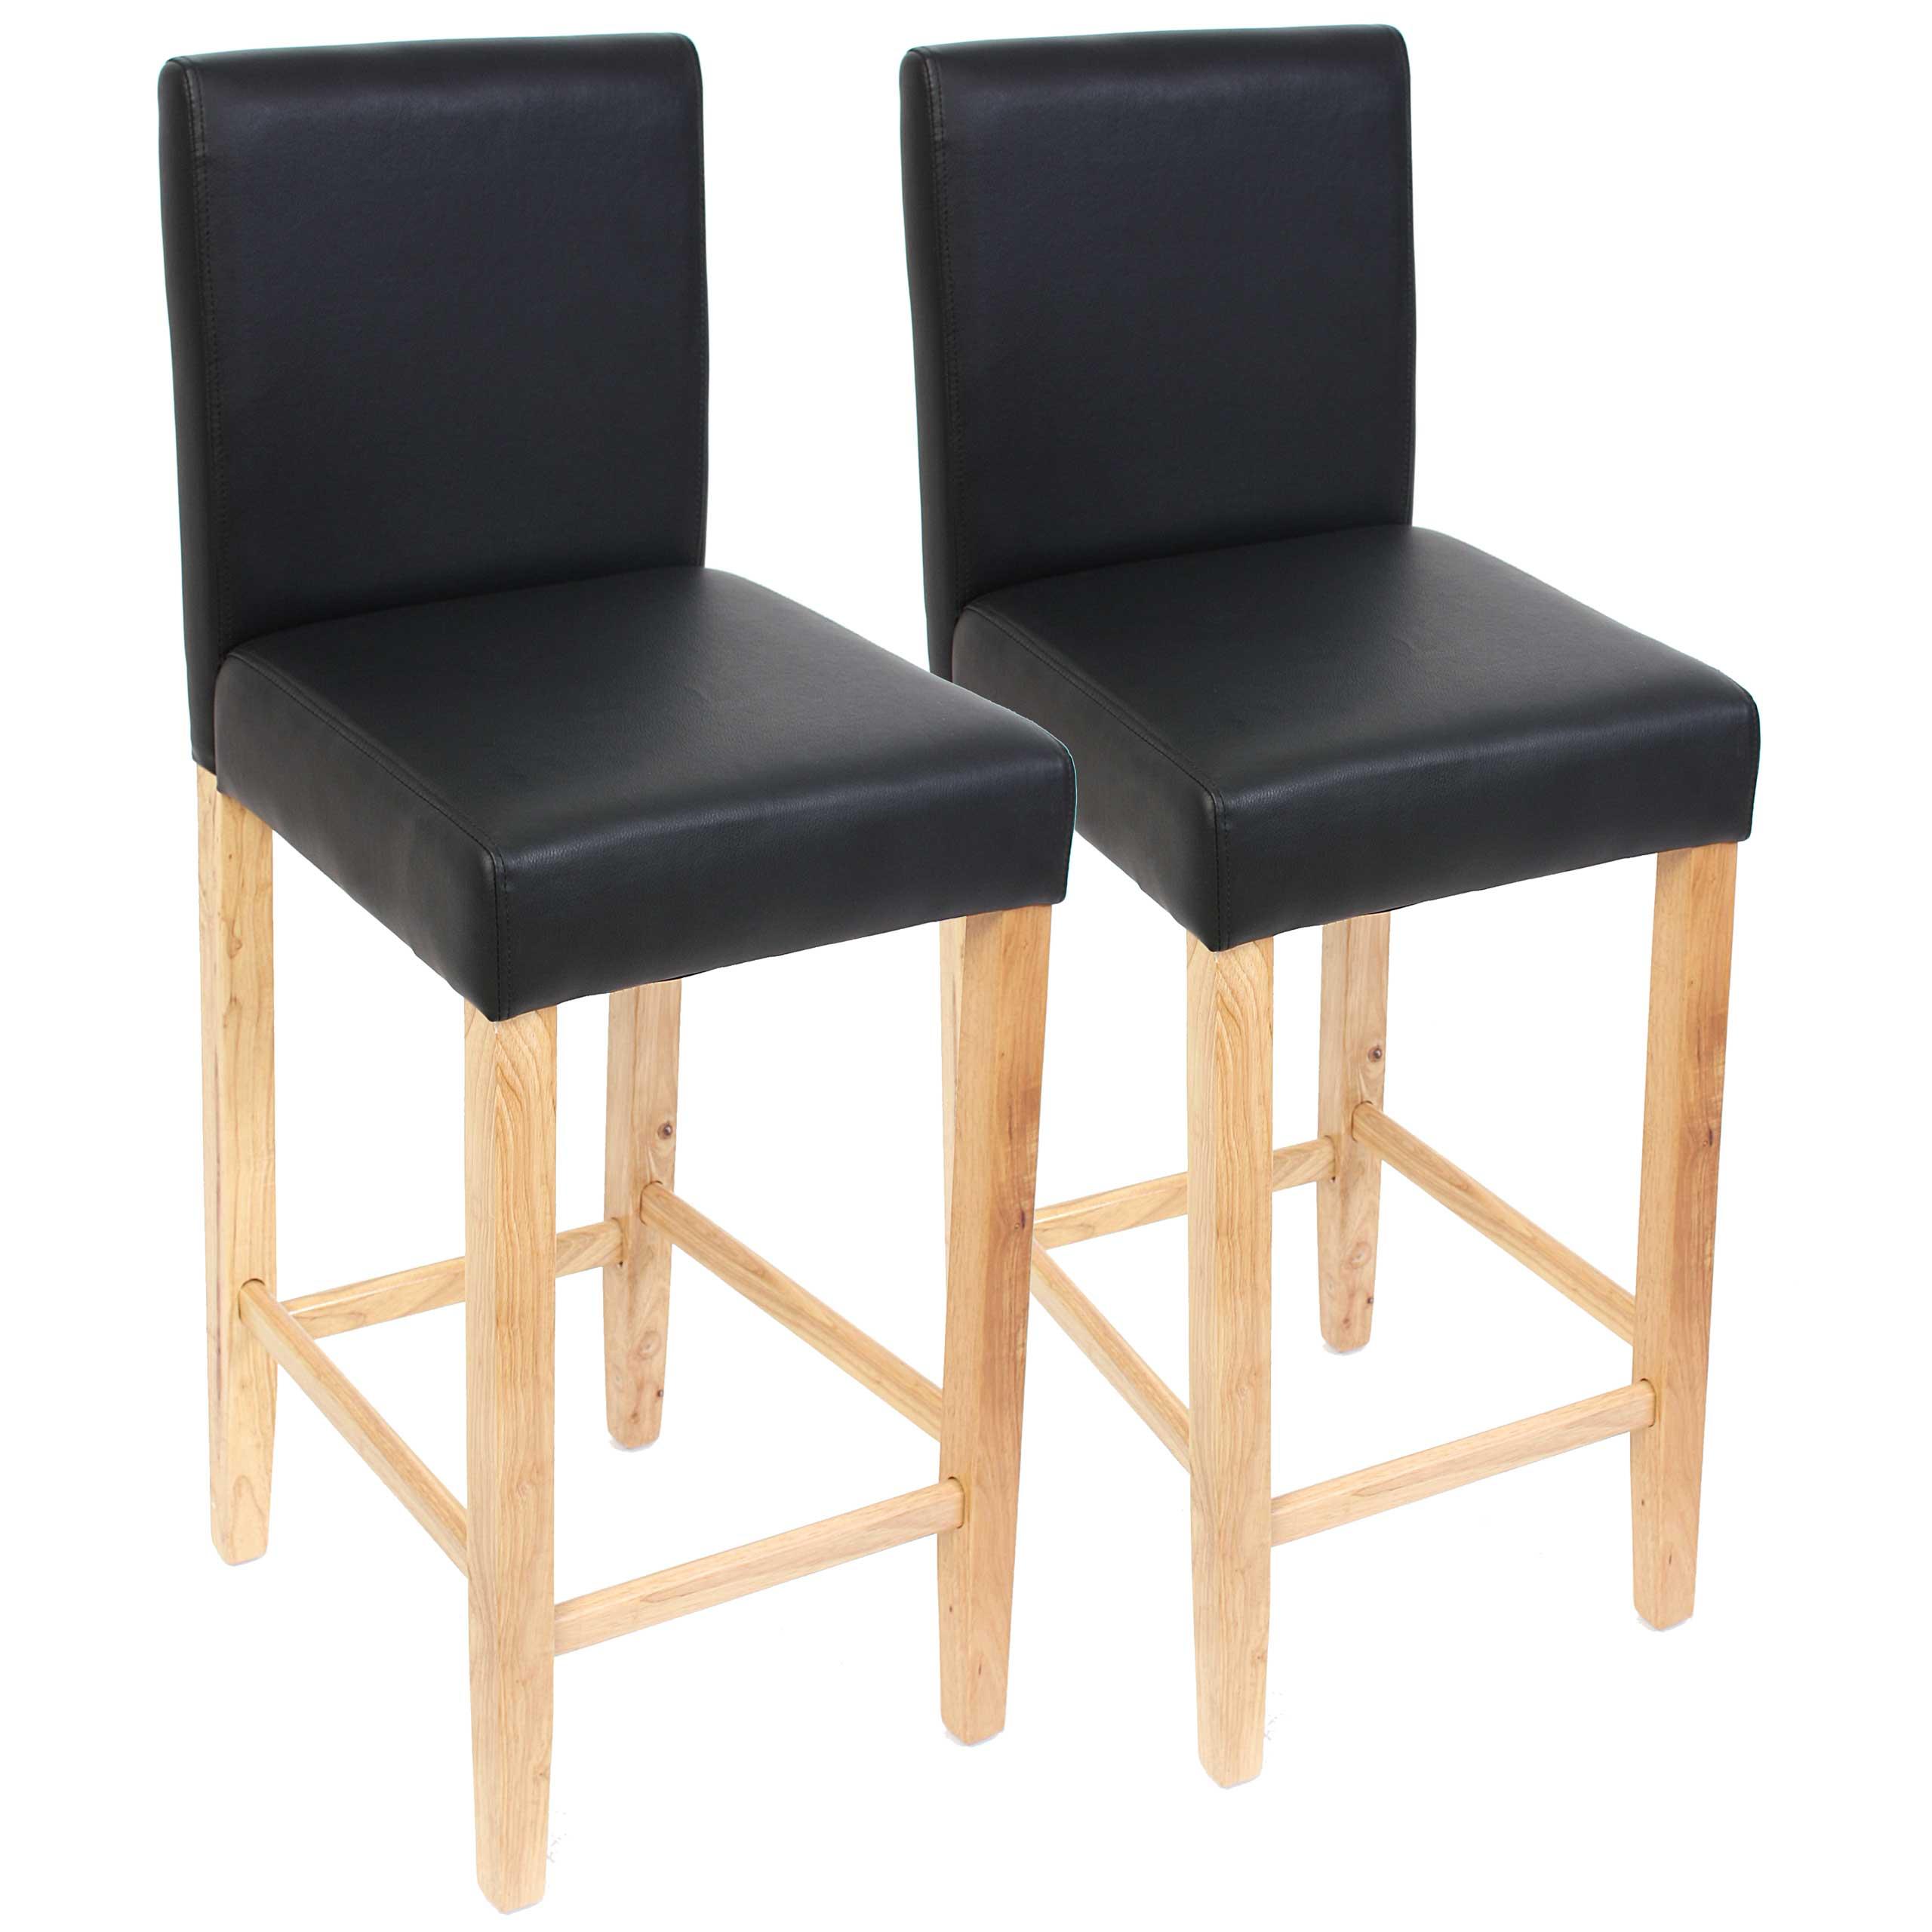 2x Barhocker Barstuhl Tresenhocker Bar Stuhl M37 Leder